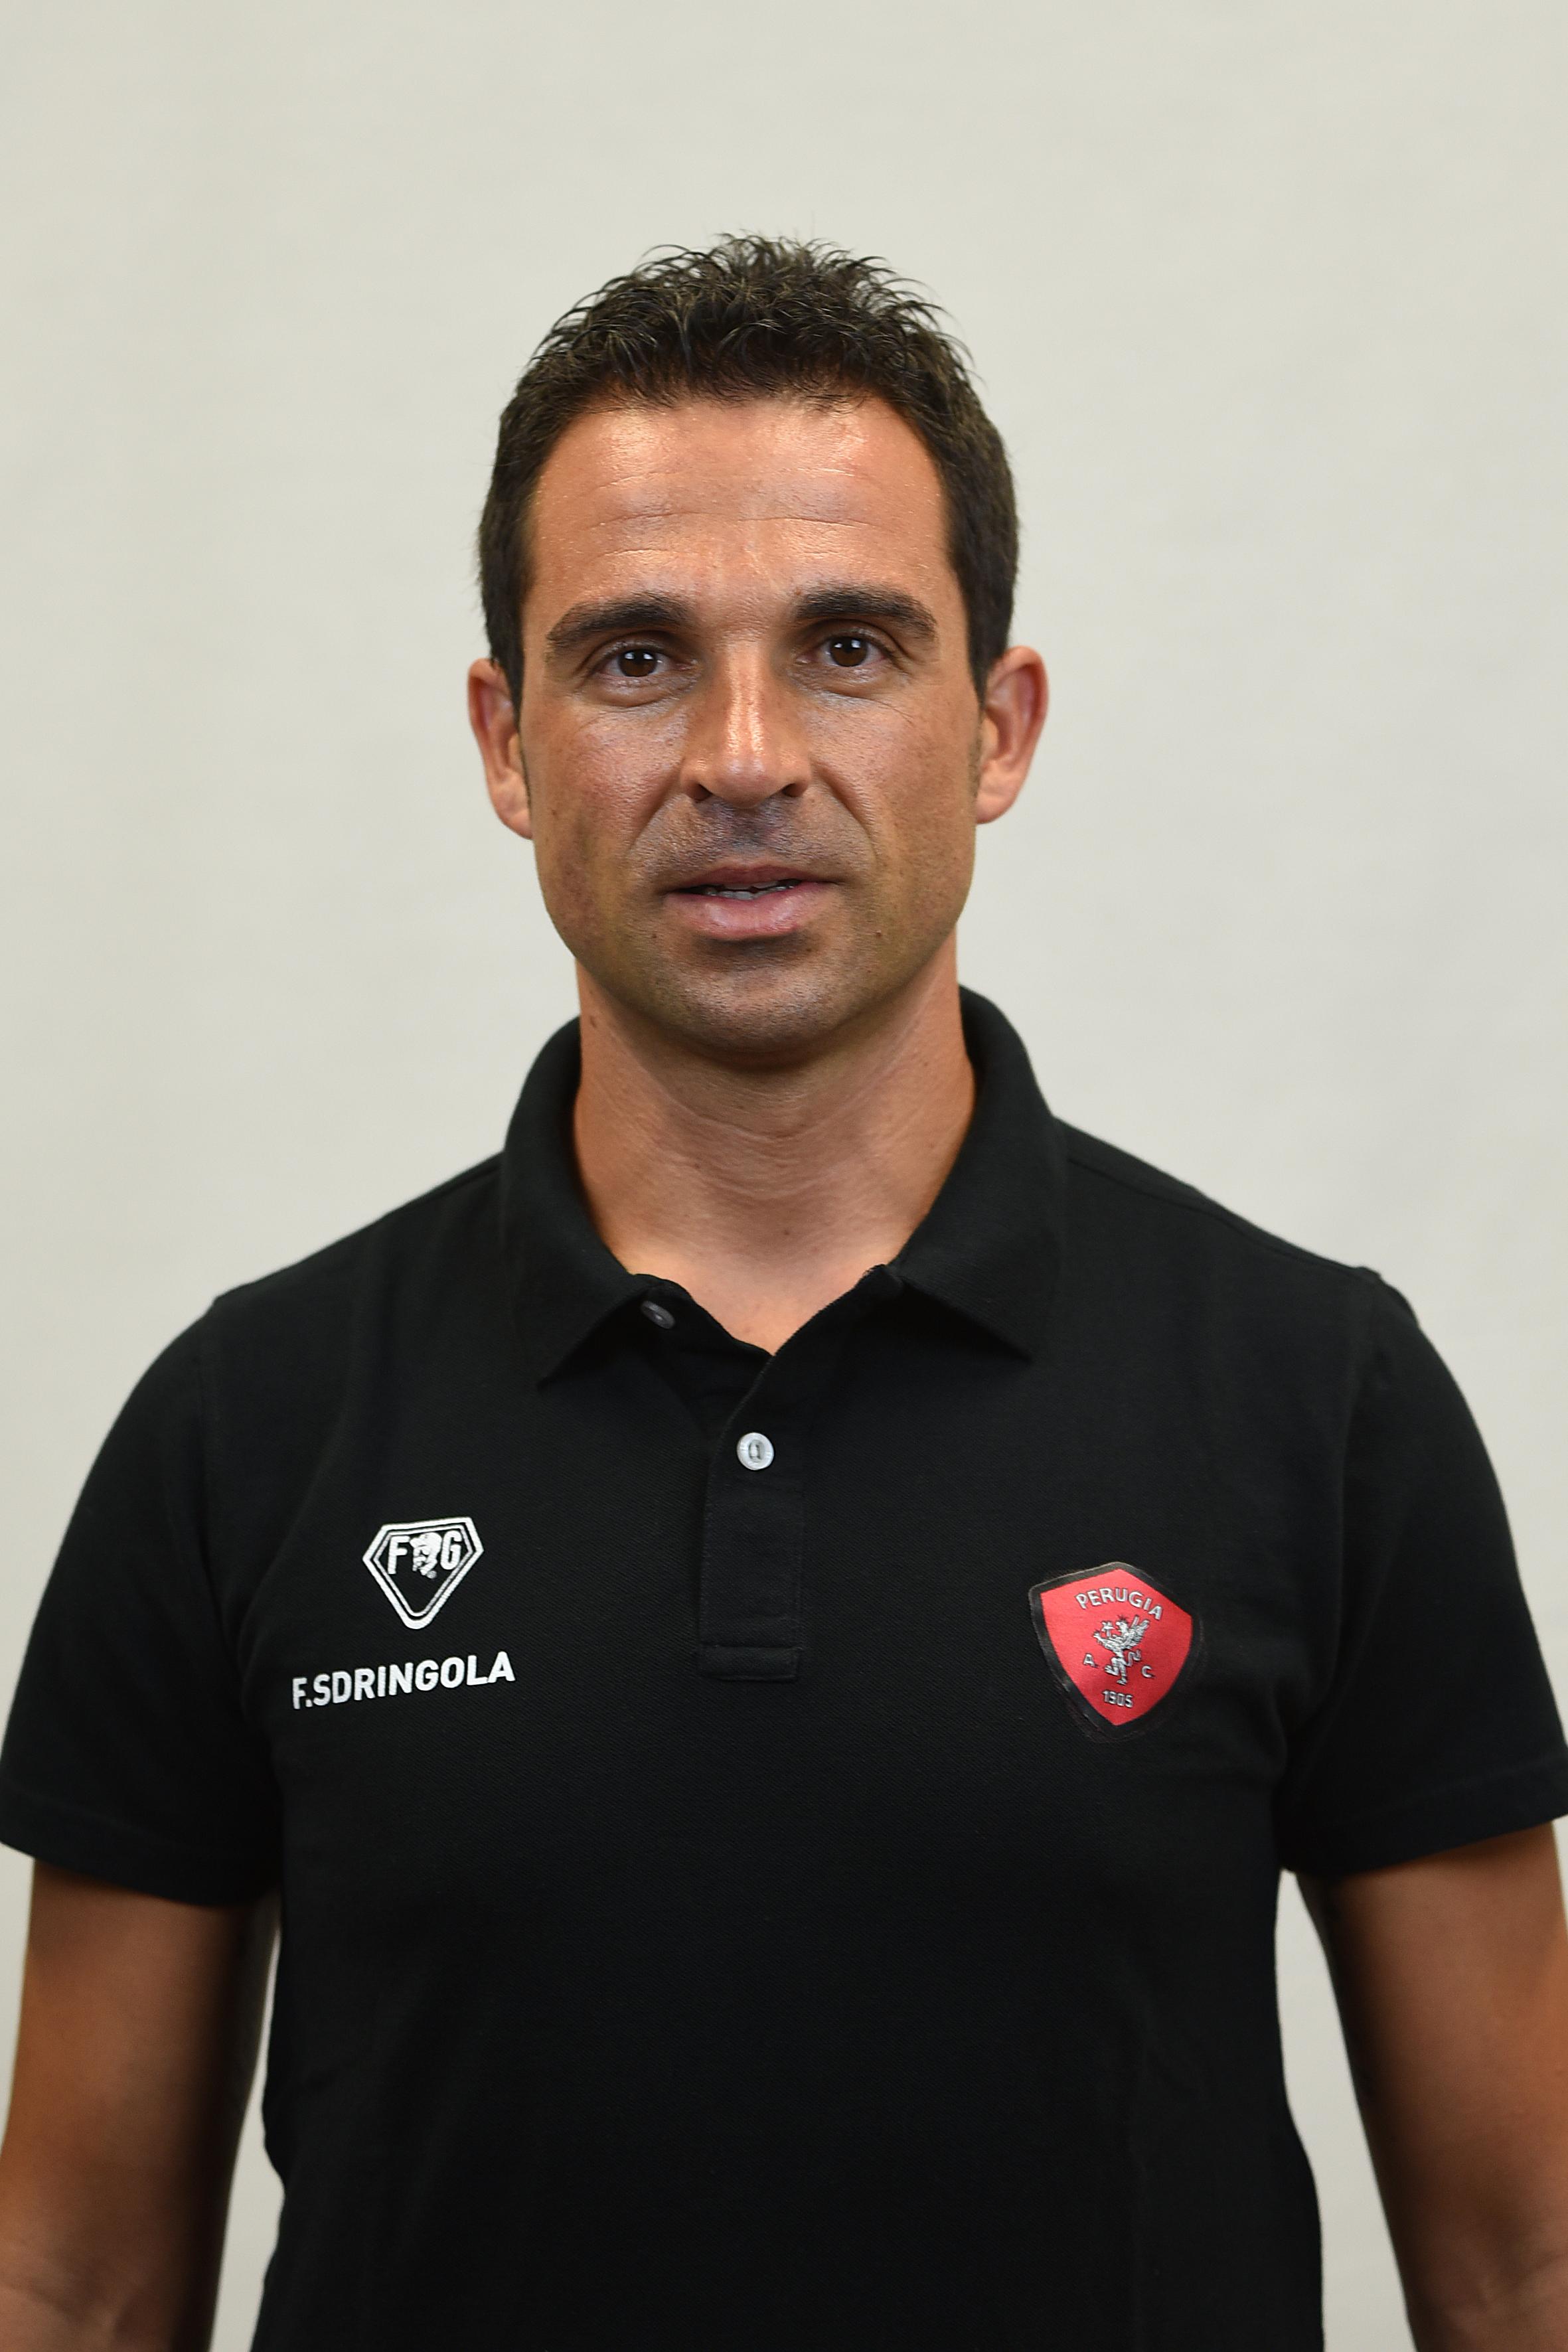 Filippo SdringolaPreparatore Atletico- A.C. Perugia Calcio